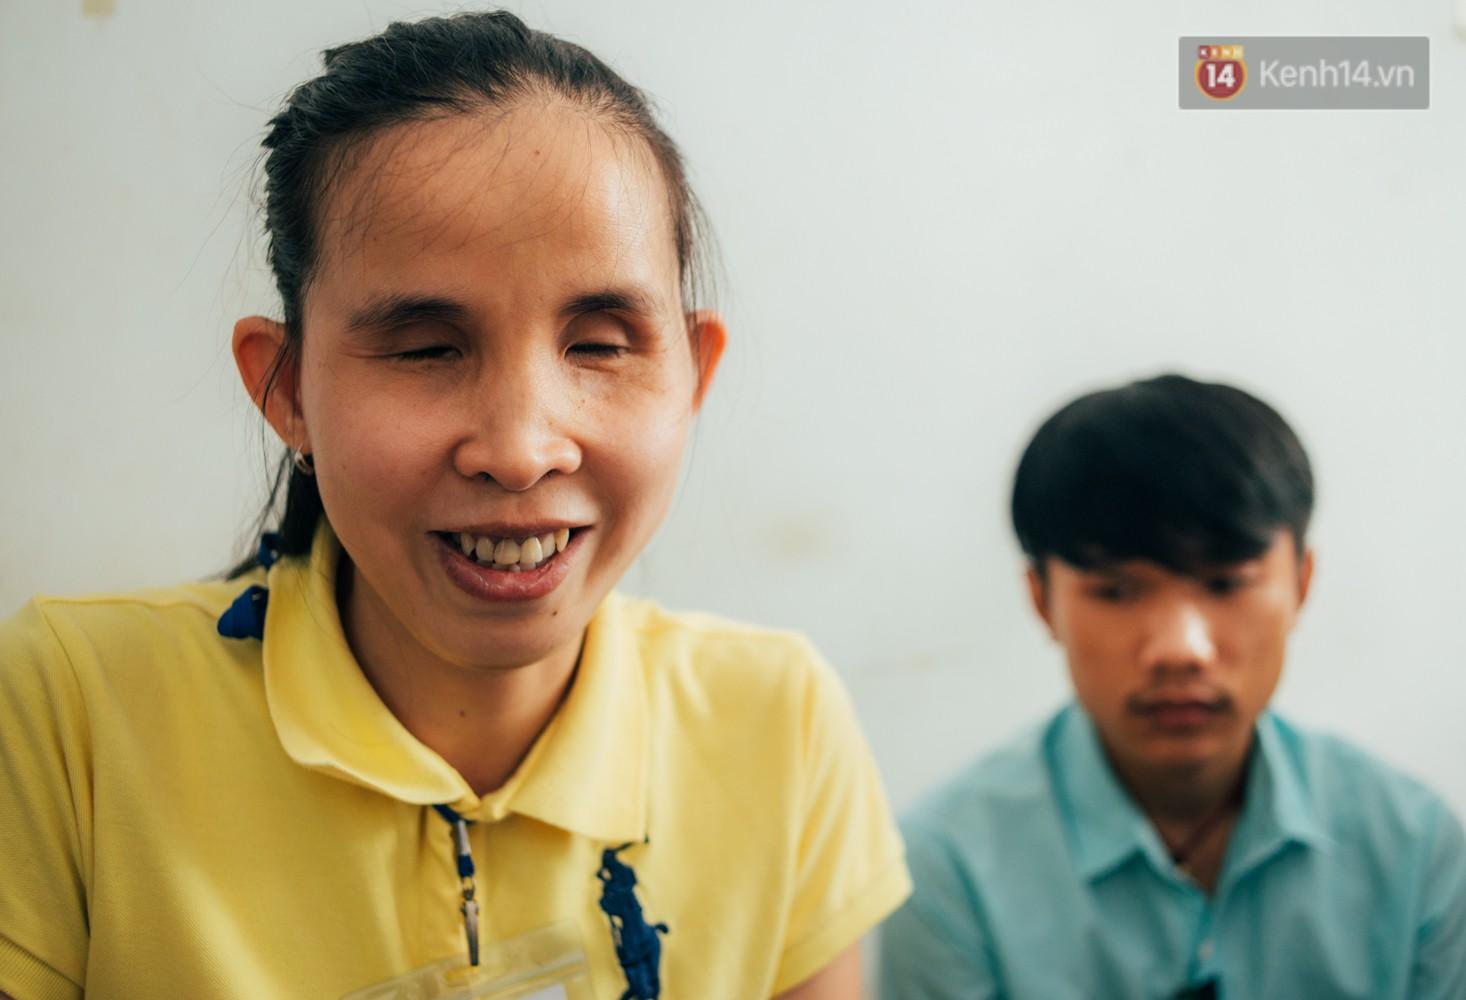 Câu chuyện cảm động phía sau cơ sở massage ở Sài Gòn với nhân viên và ông chủ đều là người khiếm thị - Ảnh 11.